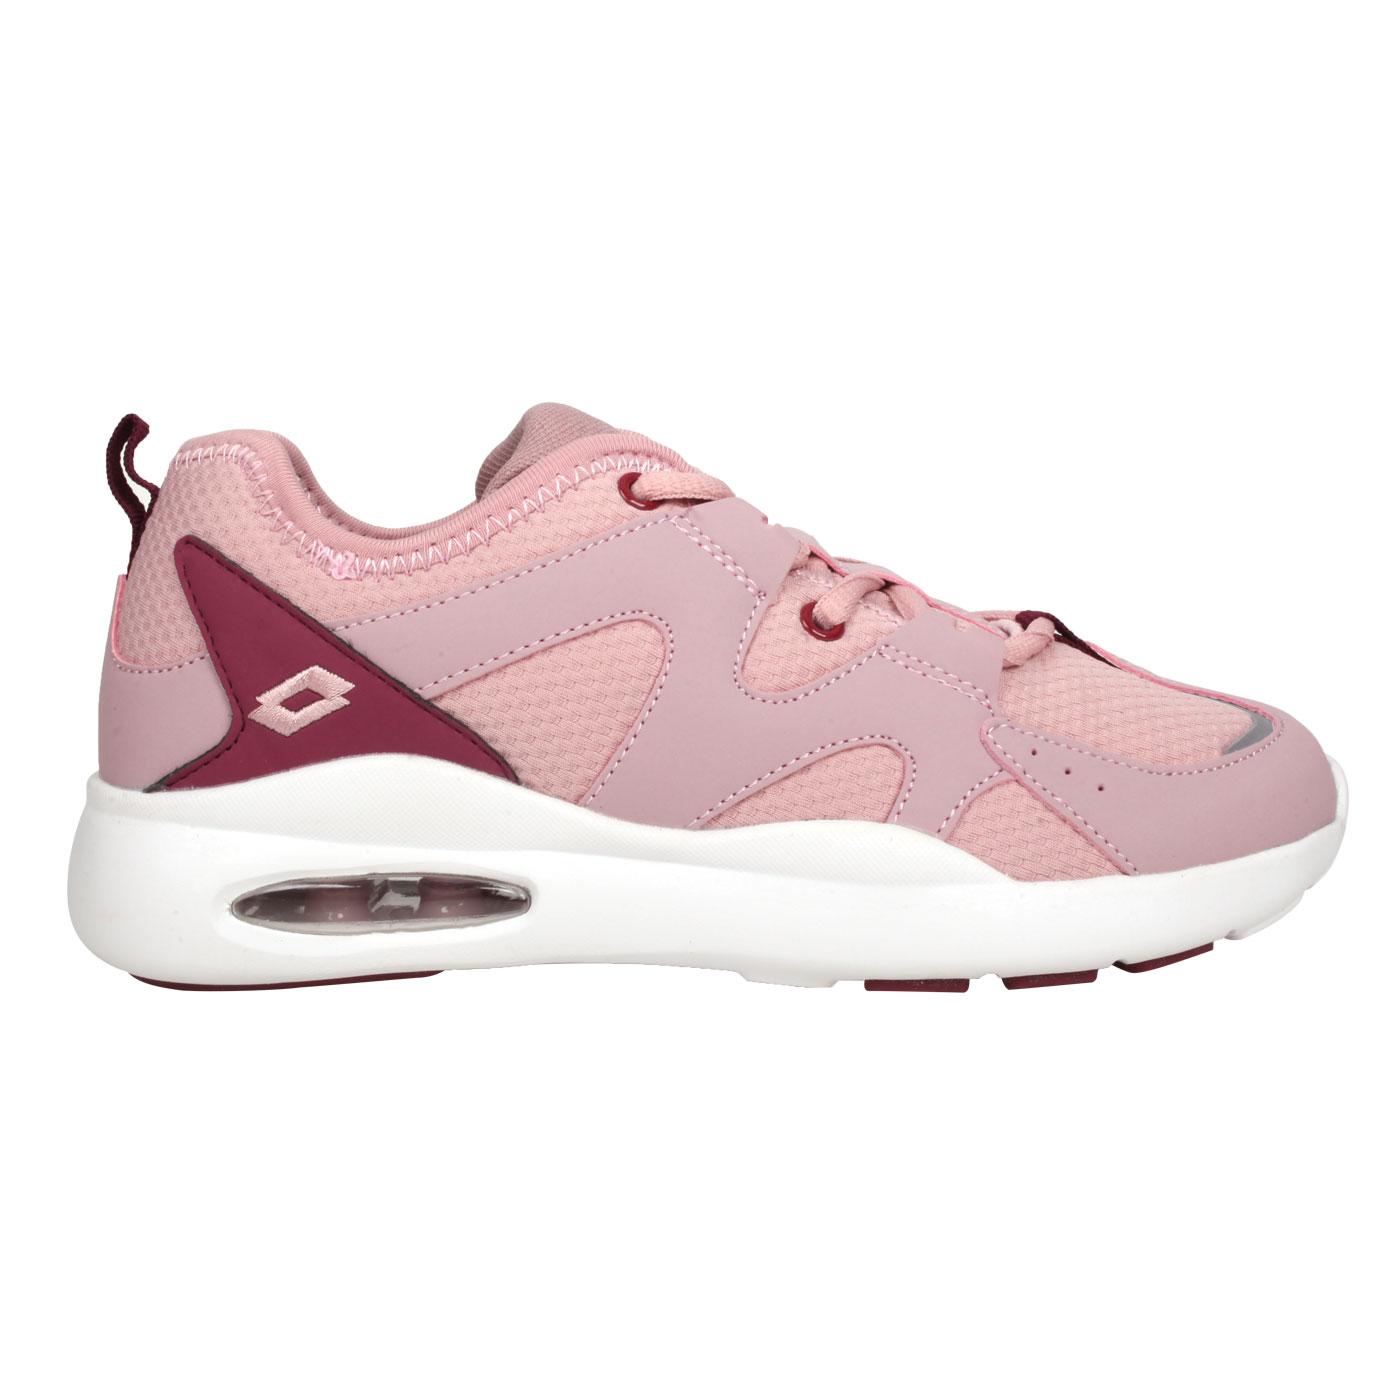 LOTTO 女款輕量氣墊跑鞋 LT0AWR2363 - 粉紫葡萄紫